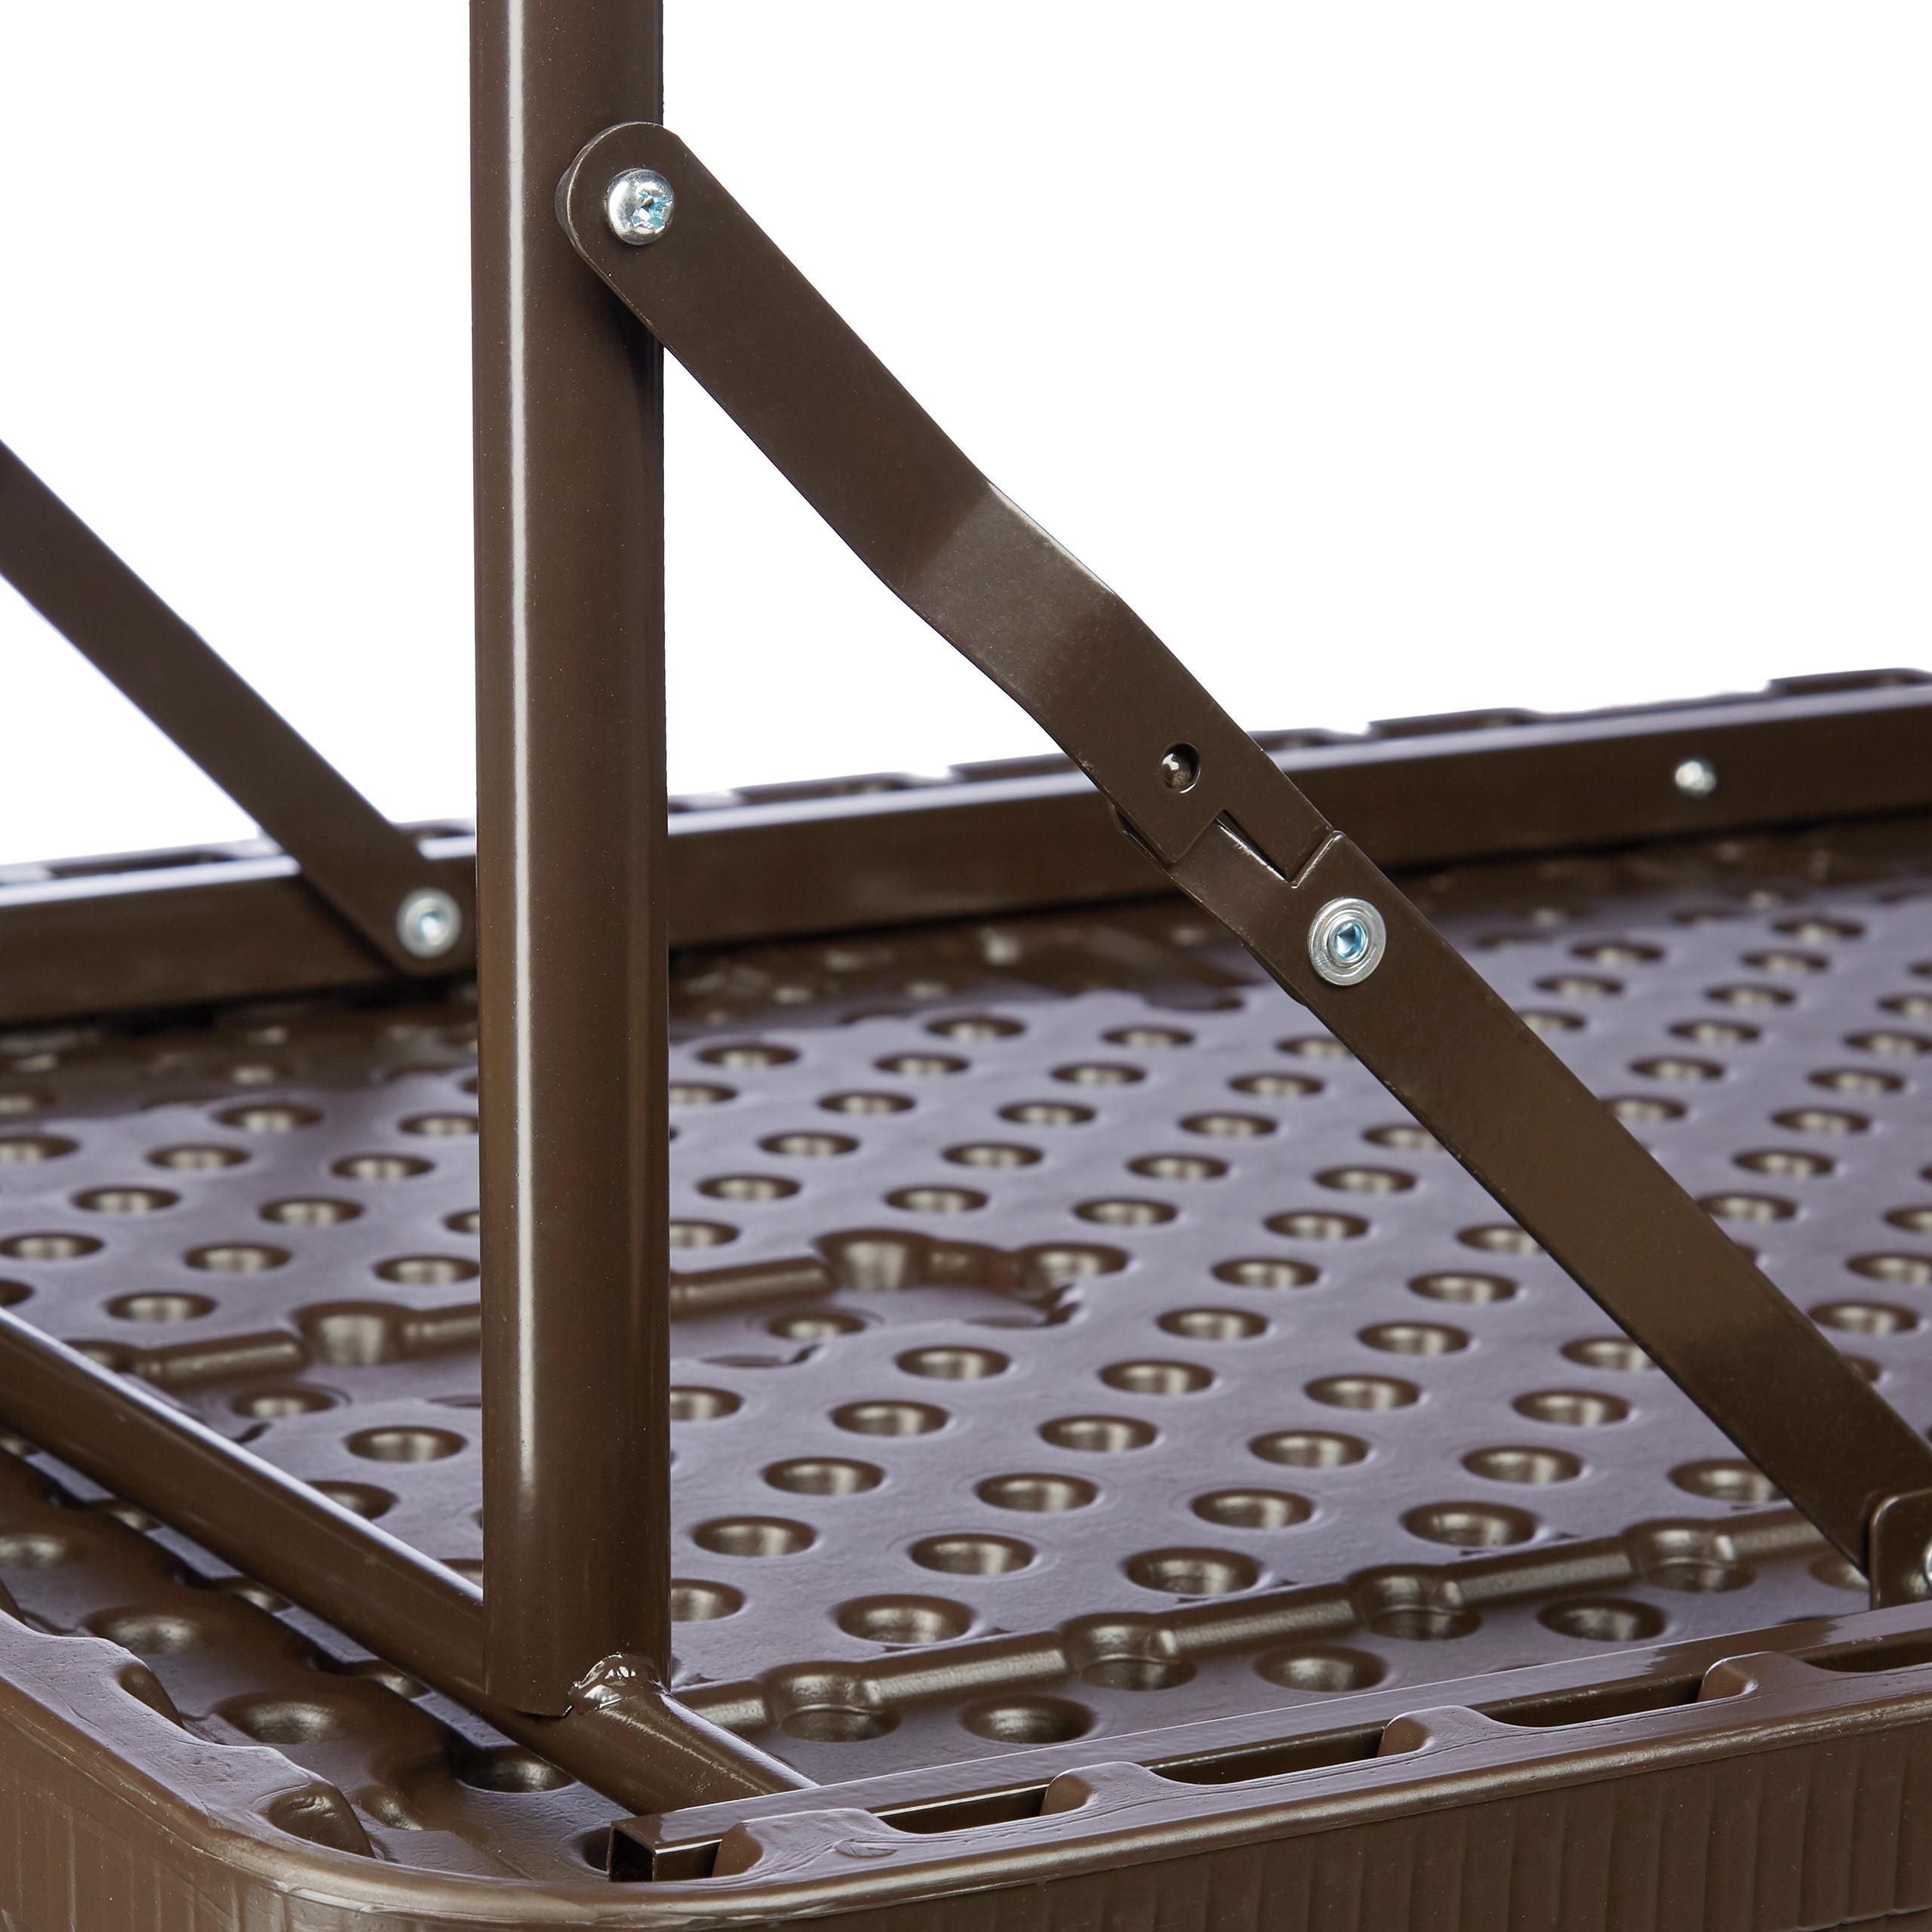 Gartentisch Holzoptik Campingtisch Esstisch Klapptisch Falttisch Balkontisch